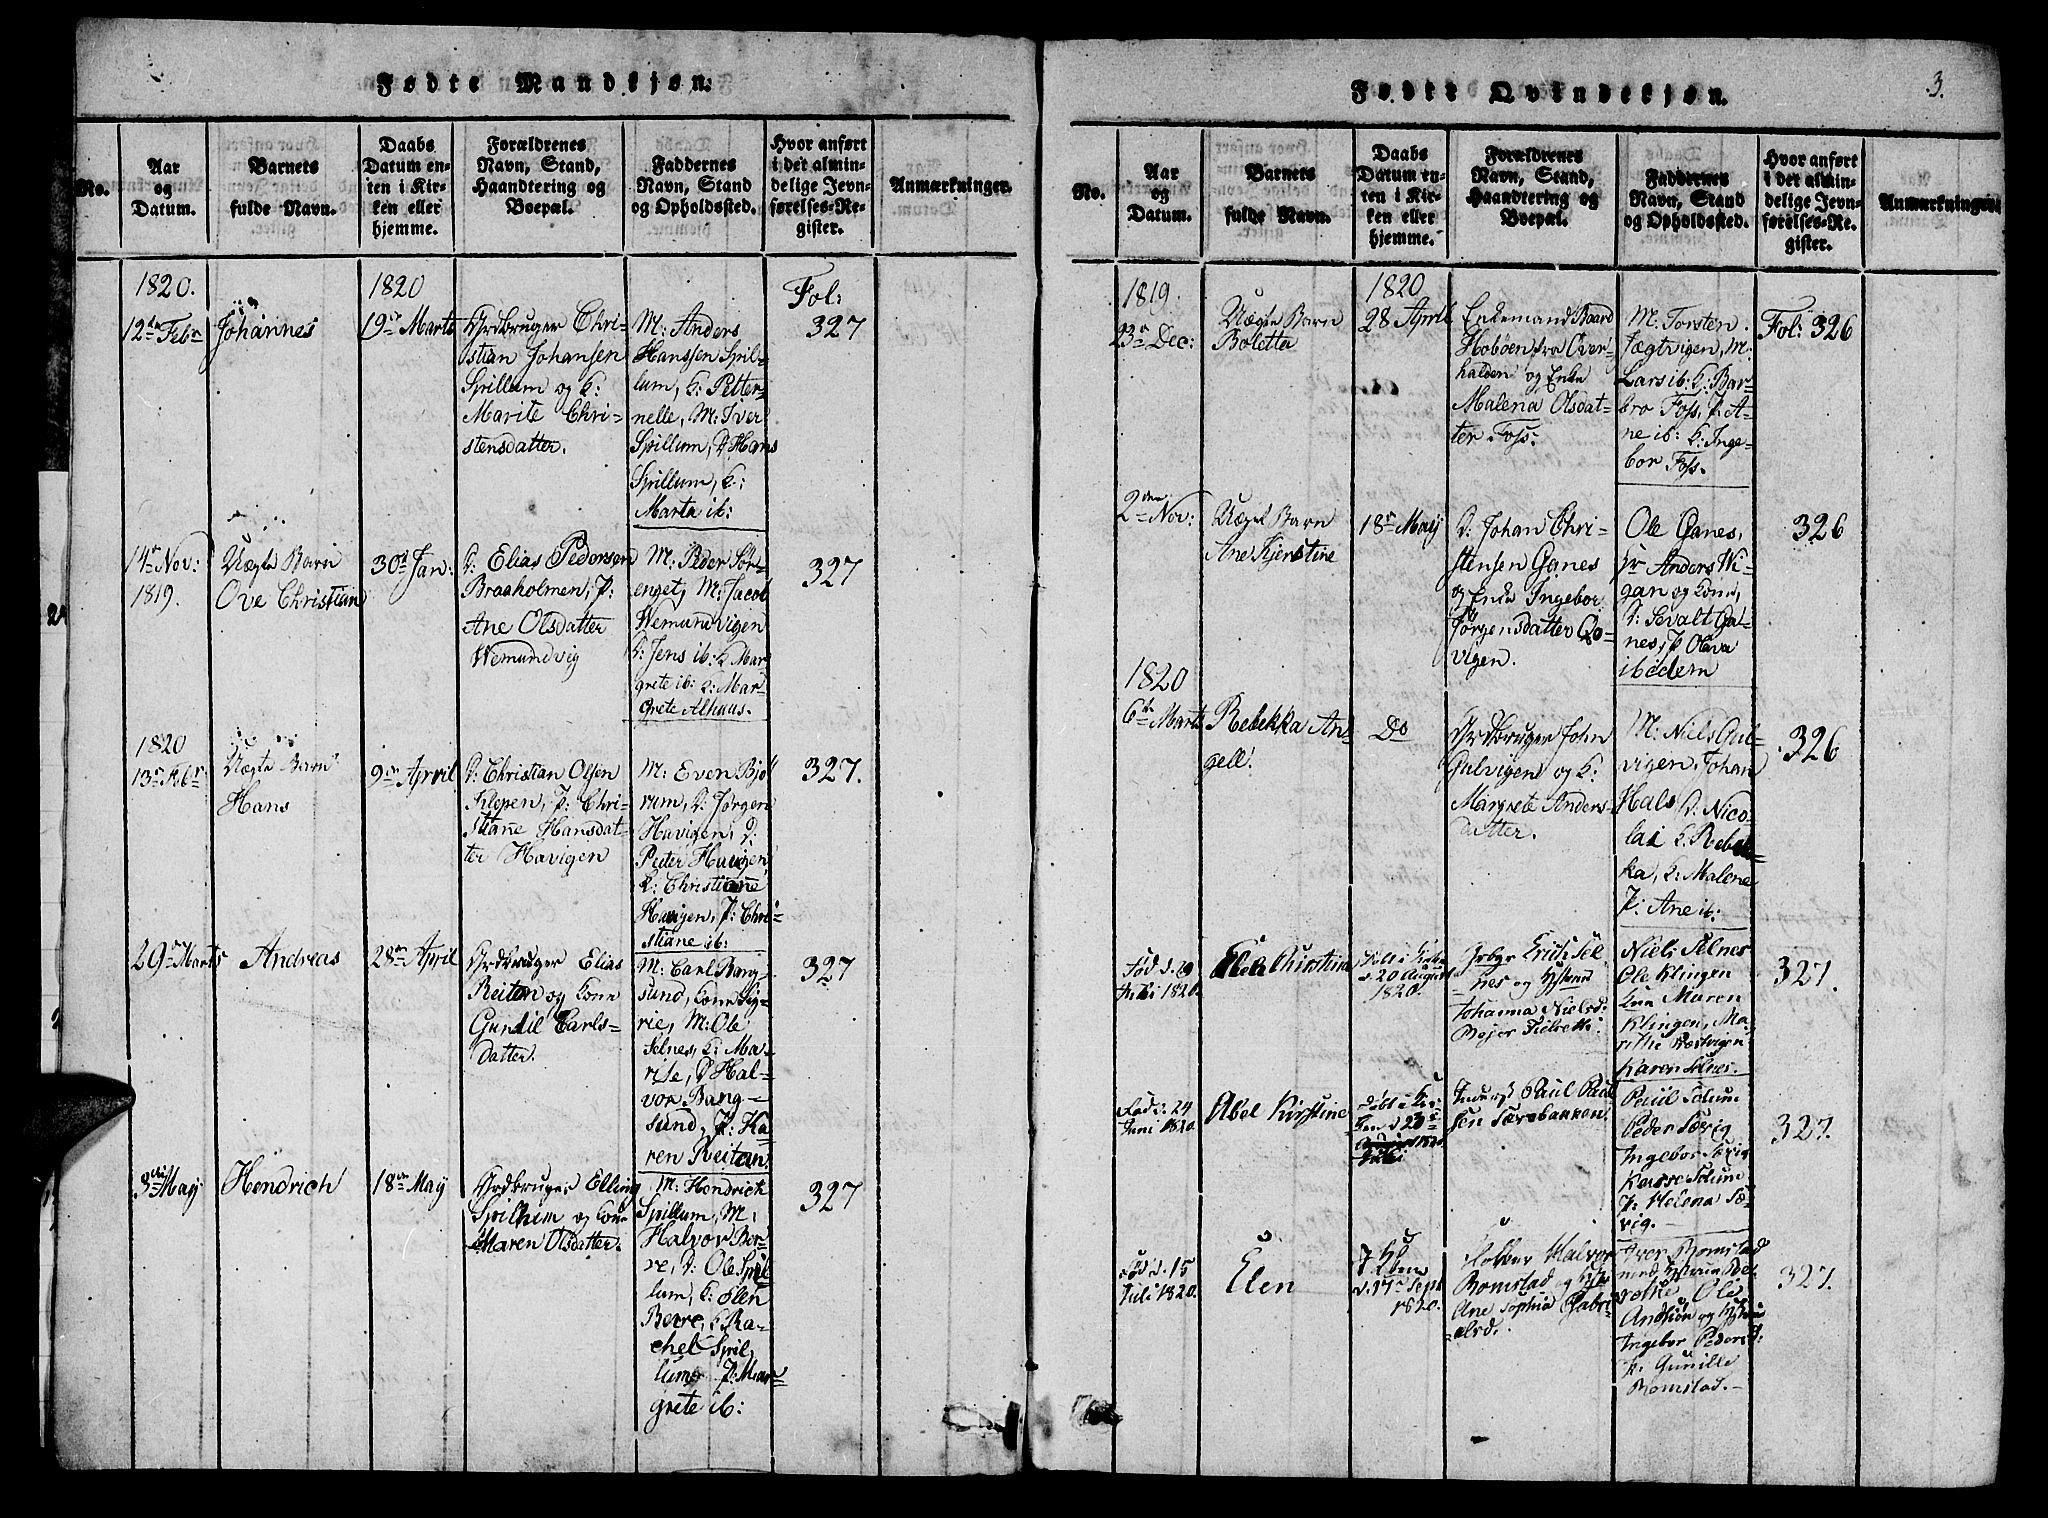 SAT, Ministerialprotokoller, klokkerbøker og fødselsregistre - Nord-Trøndelag, 770/L0588: Ministerialbok nr. 770A02, 1819-1823, s. 3